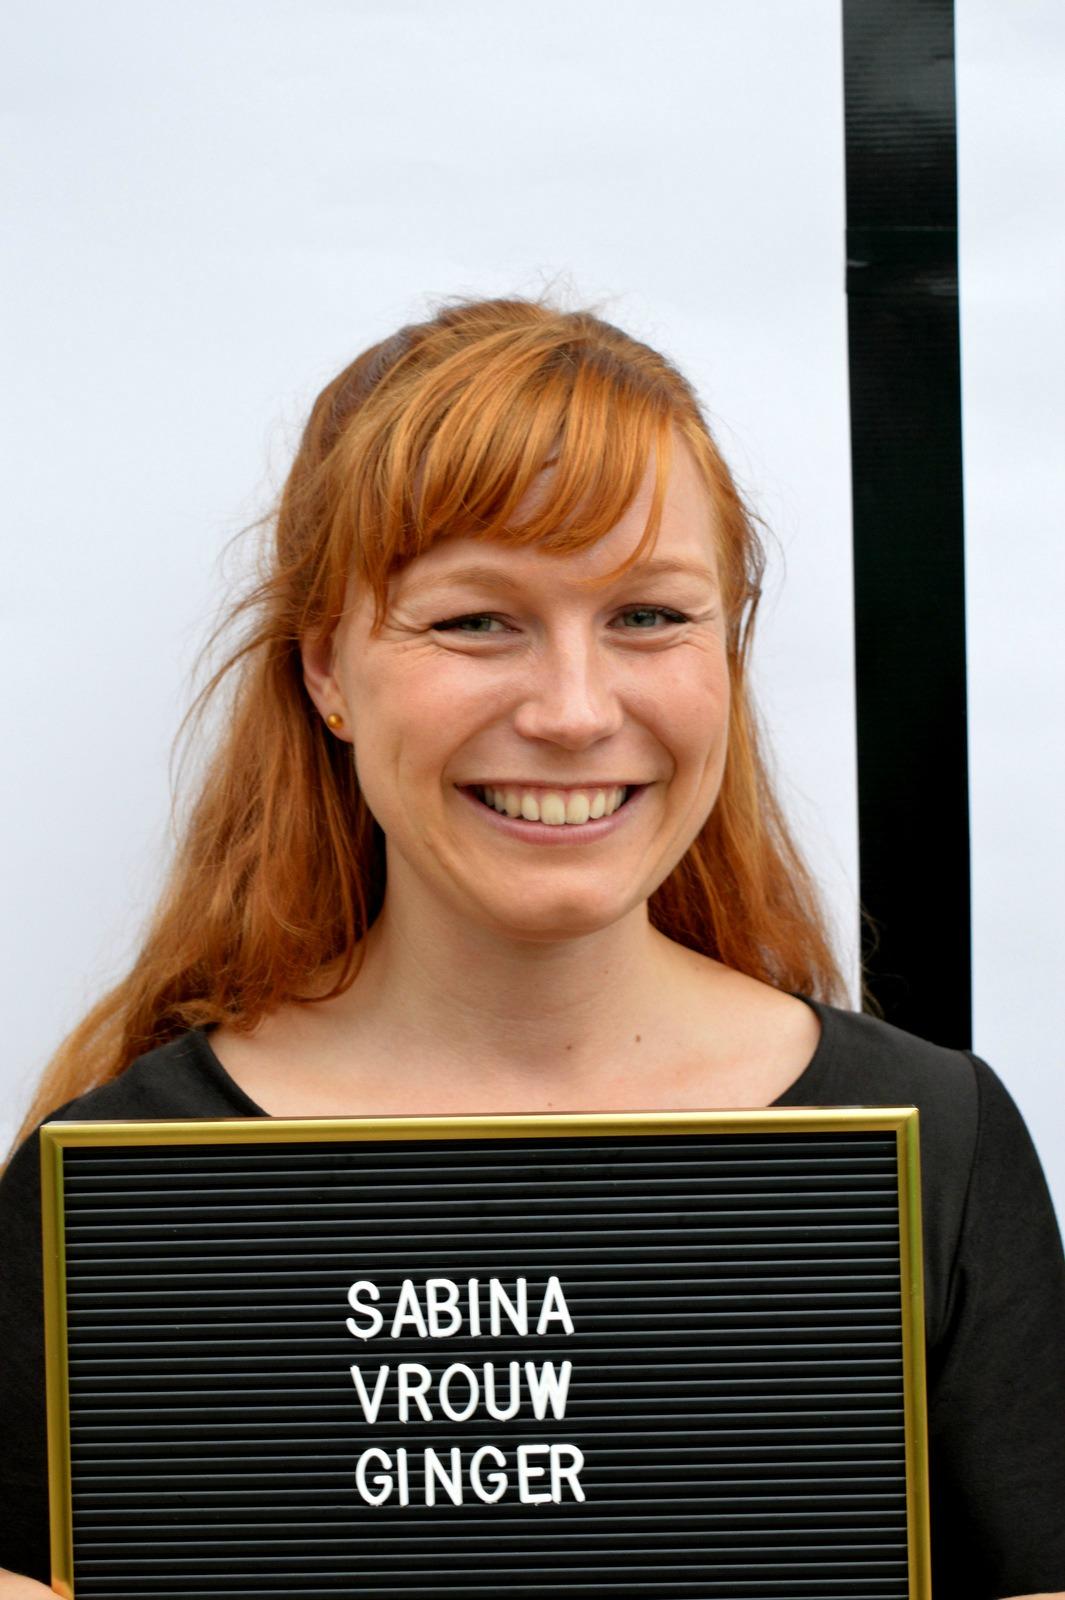 Sabina  - Buiten de grenzen